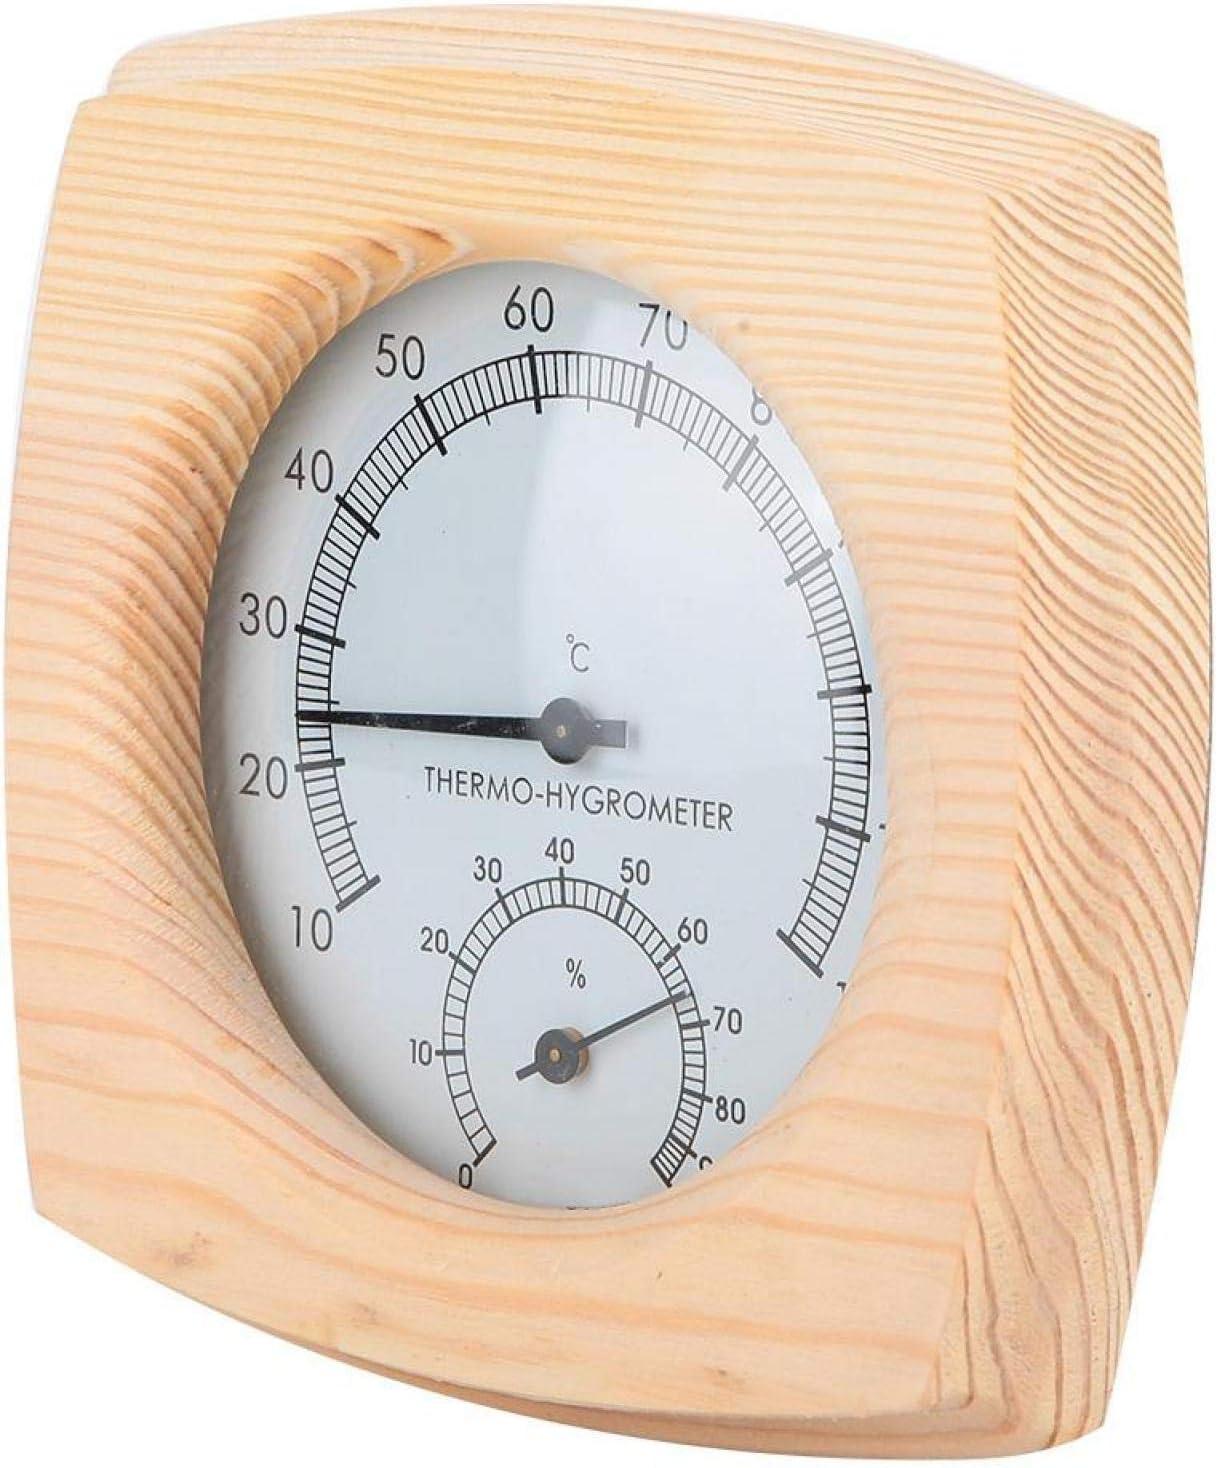 GLOGLOW 25% OFF Sauna Room Hygrometer Indoor Temperature 4 years warranty Humidity